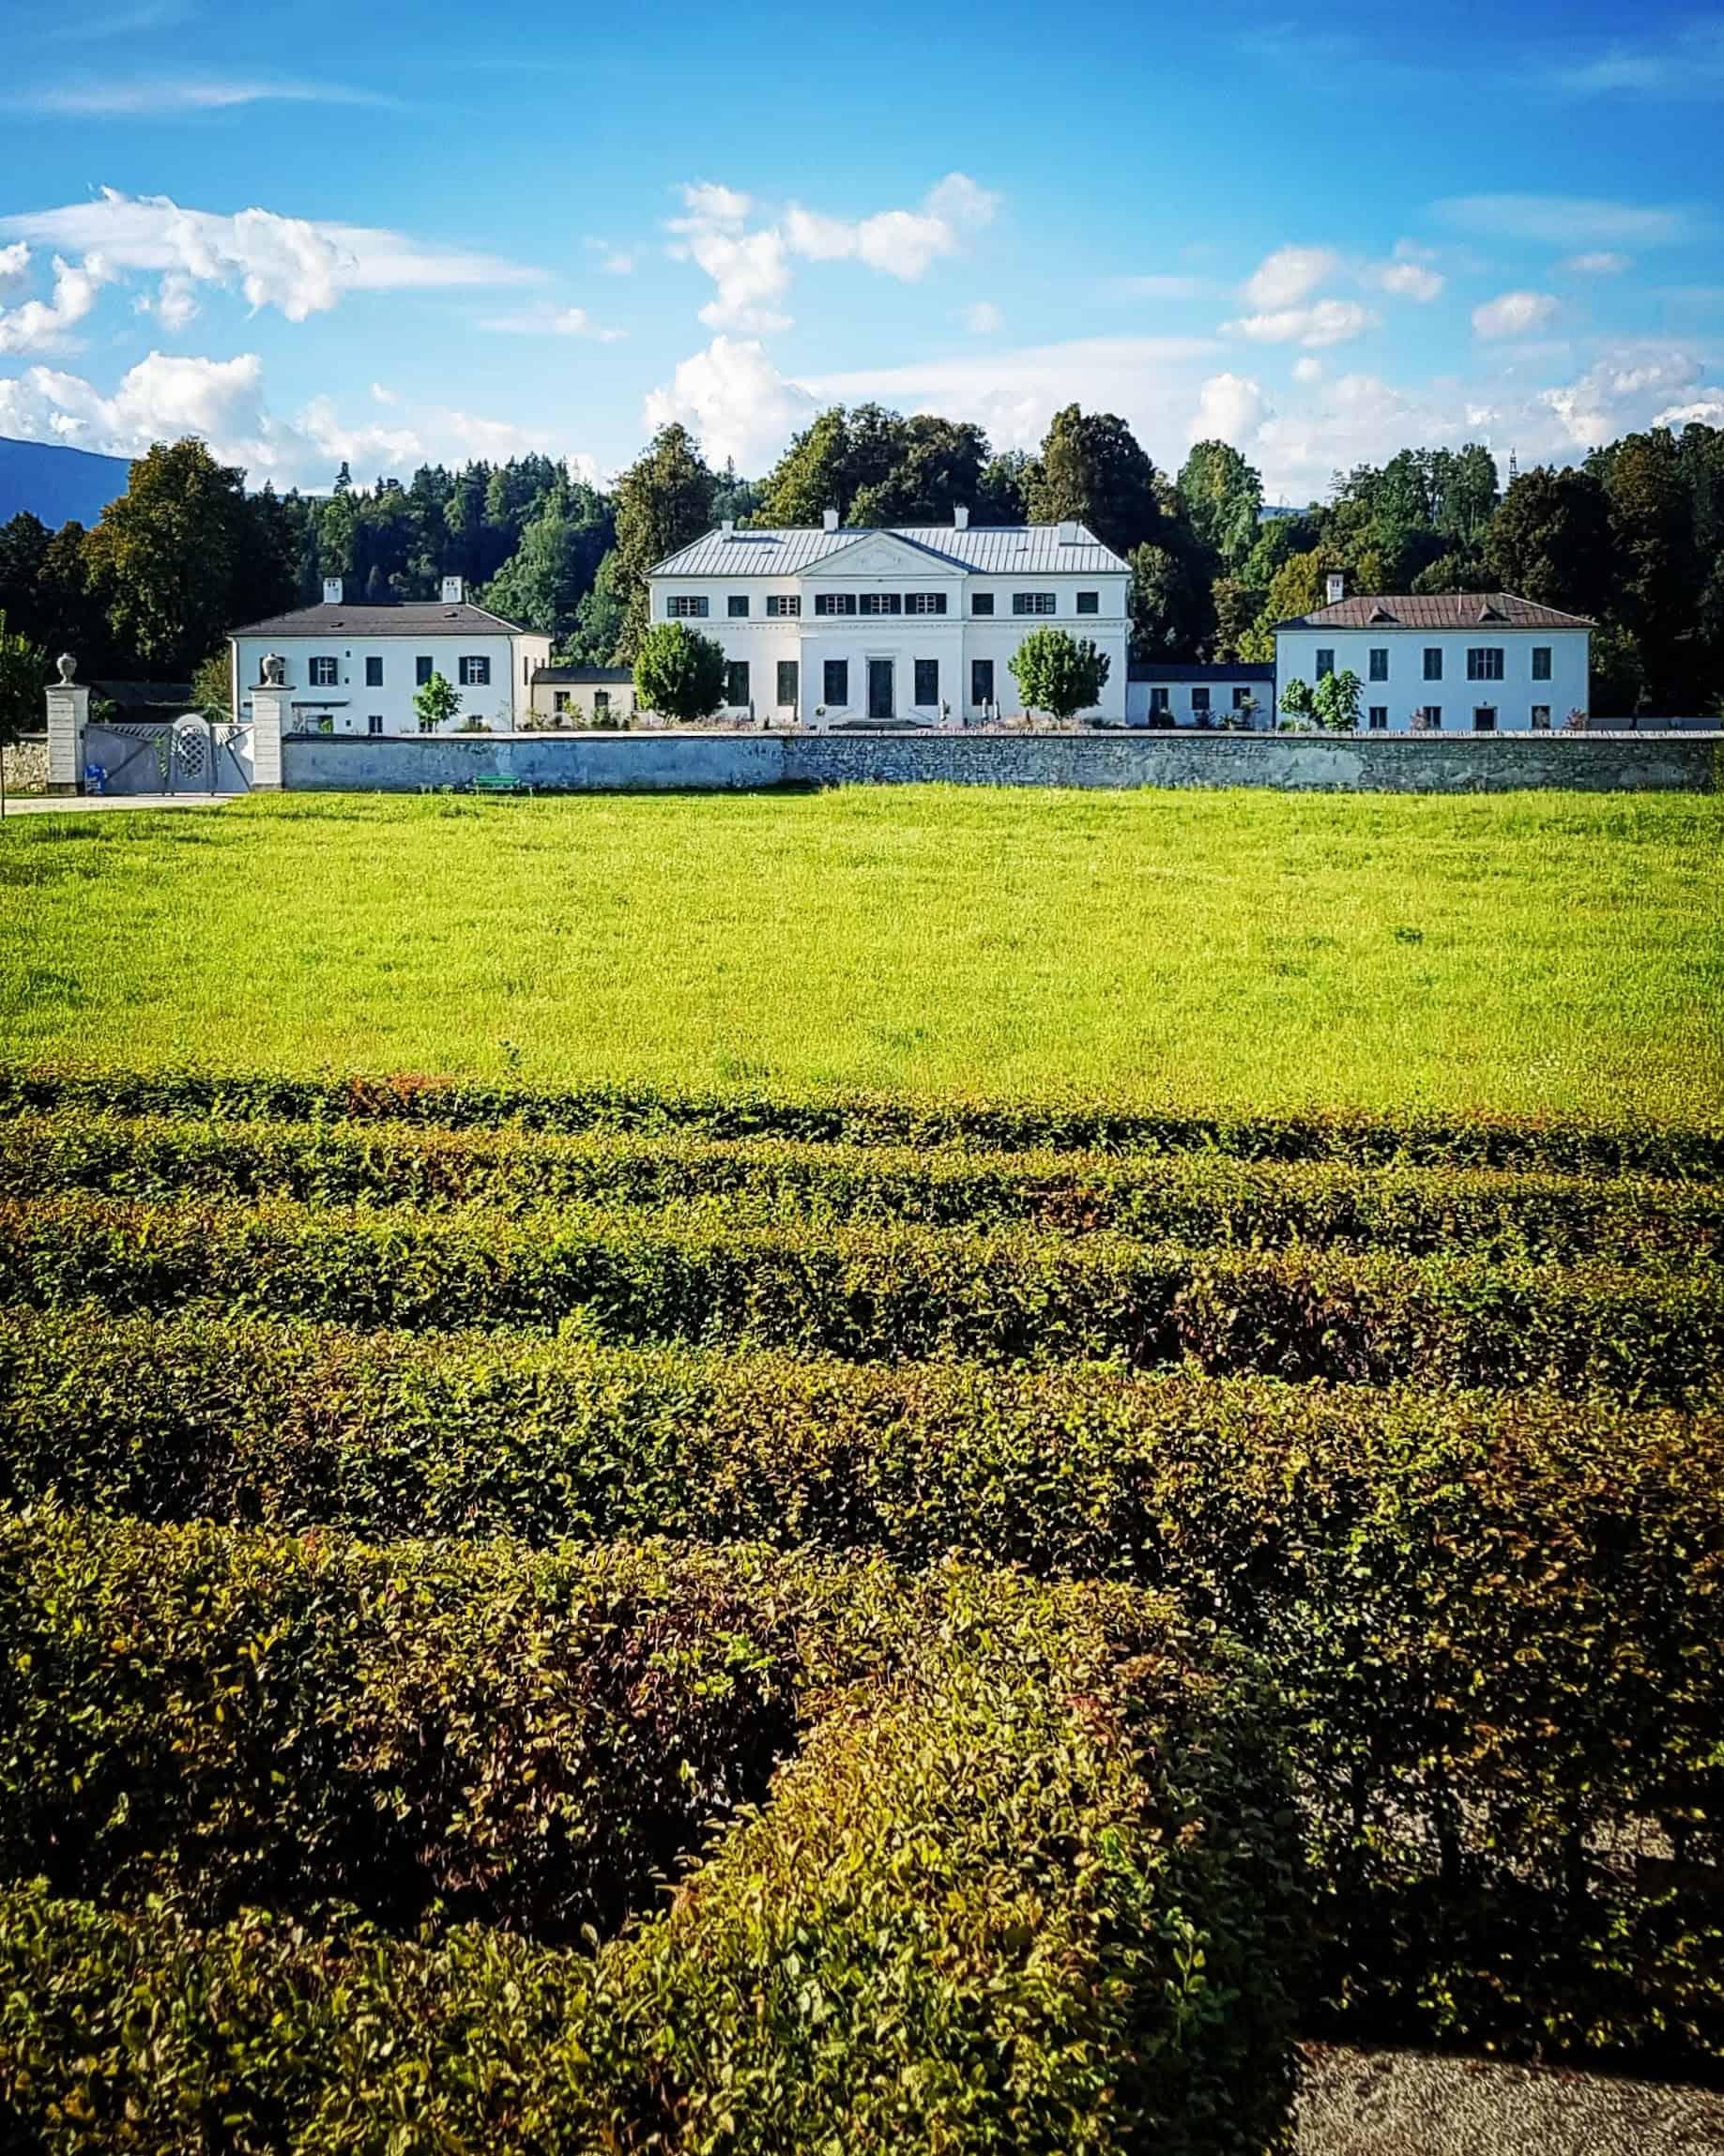 Gartenlabyrinth mit Schloss - Sehenswürdigkeit Kärnten